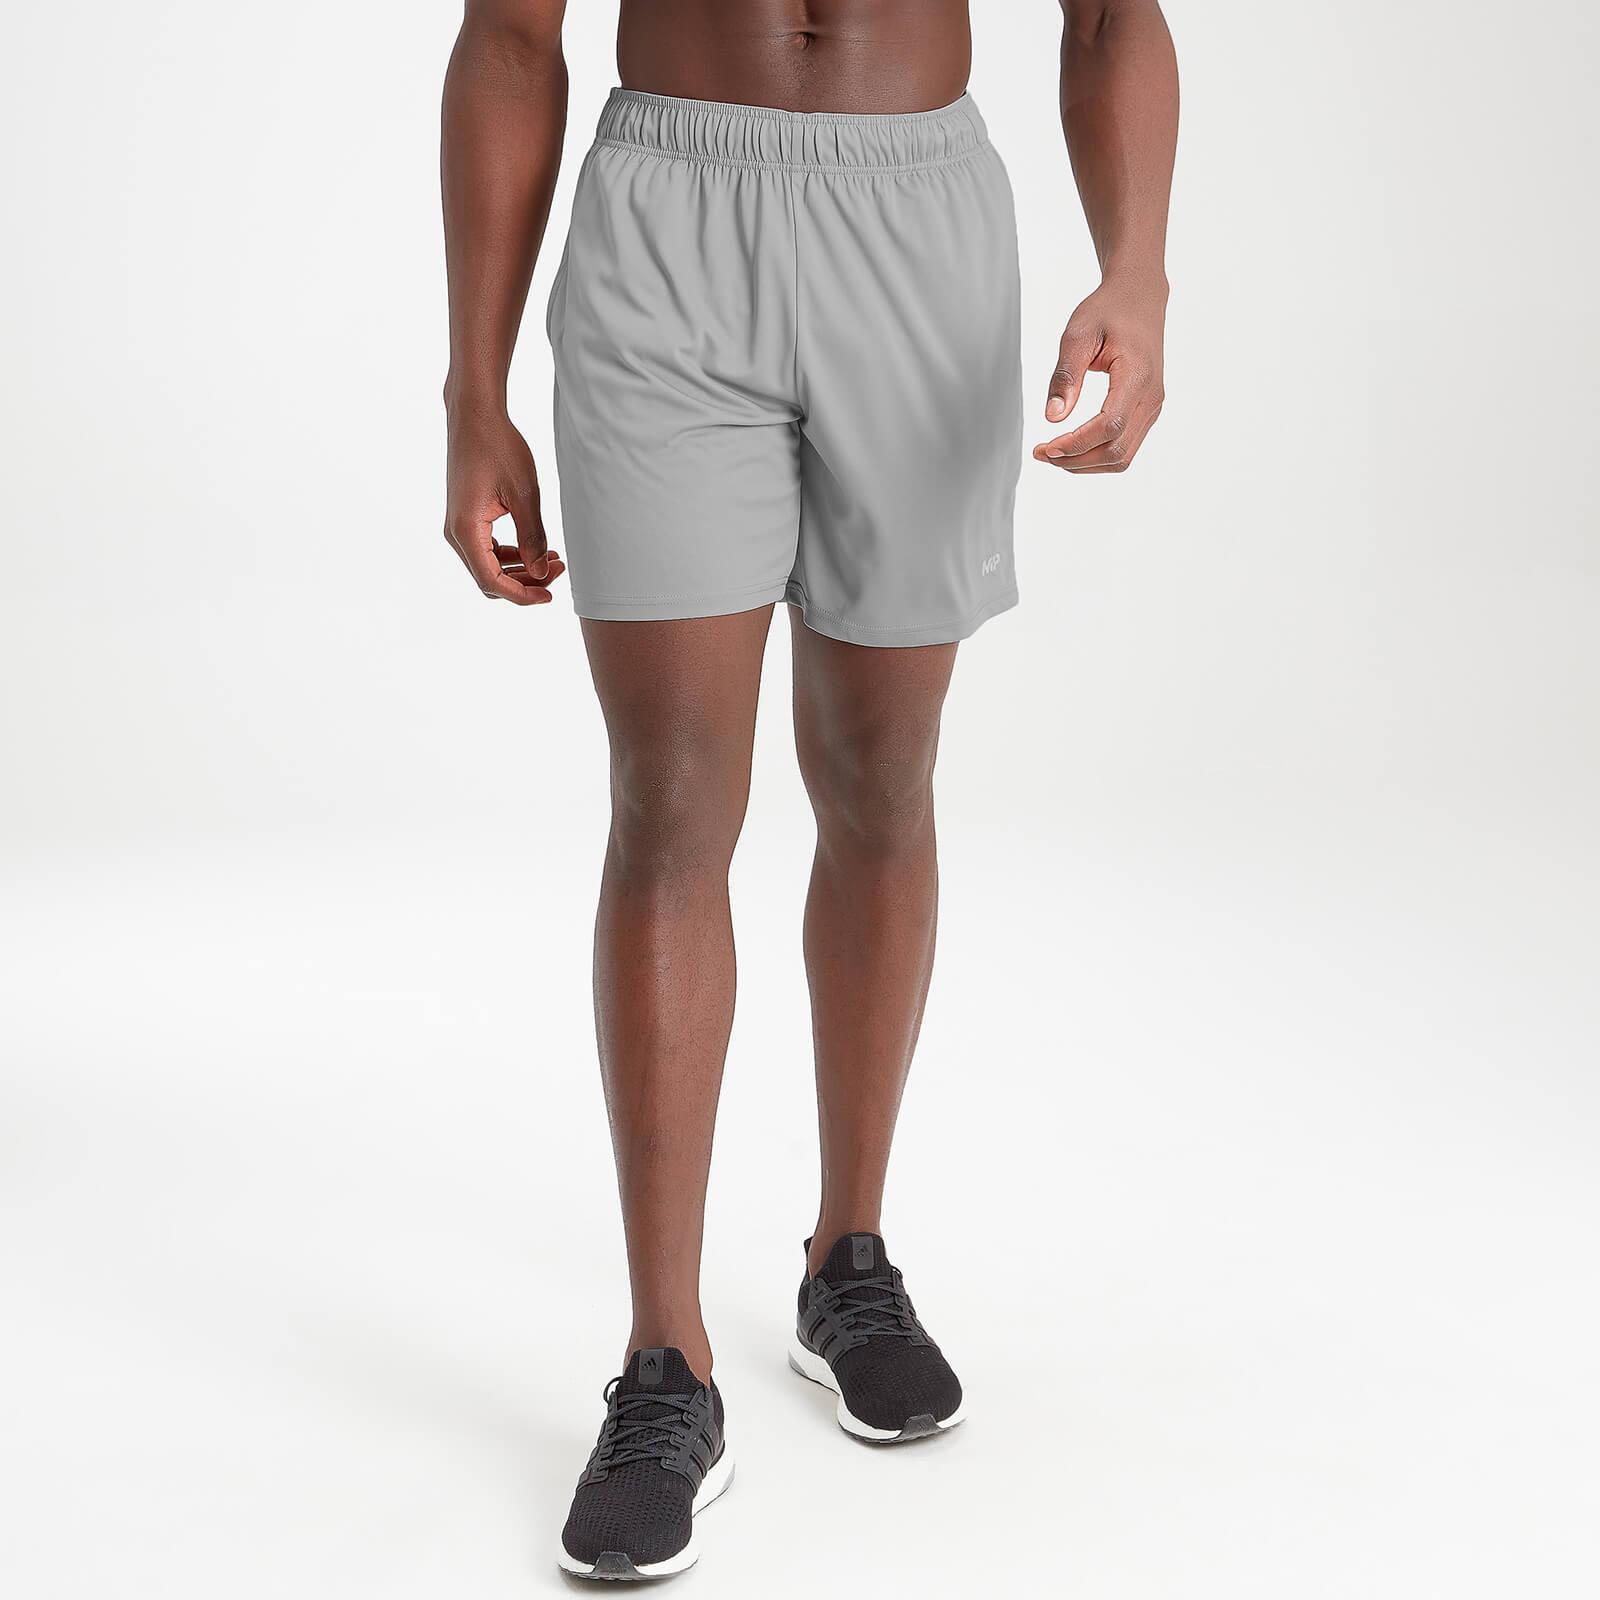 Купить MP Men's Essentials Training Lightweight Shorts - Storm - XS, Myprotein International